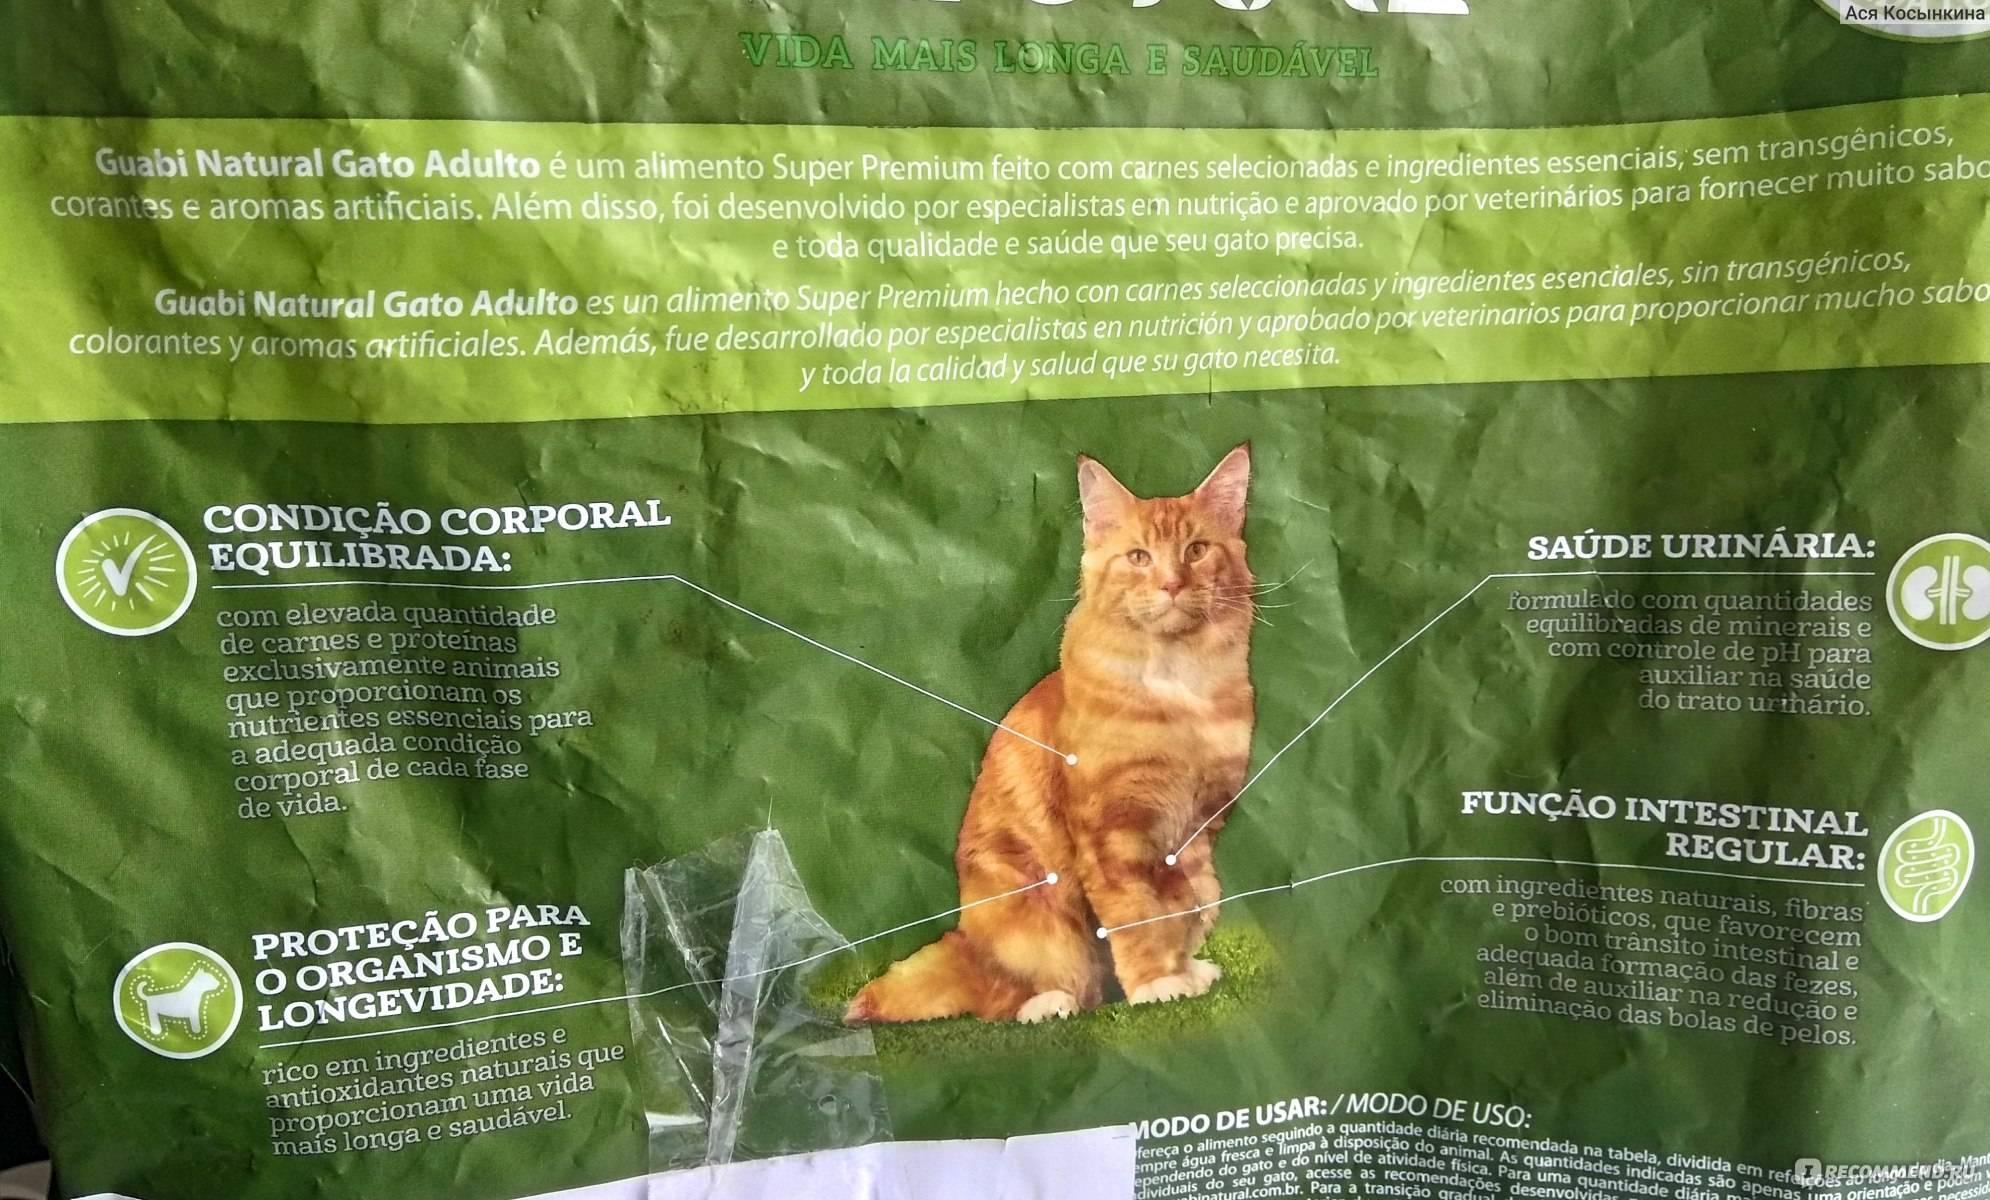 Сухой и влажный корм для котят — какой лучше?